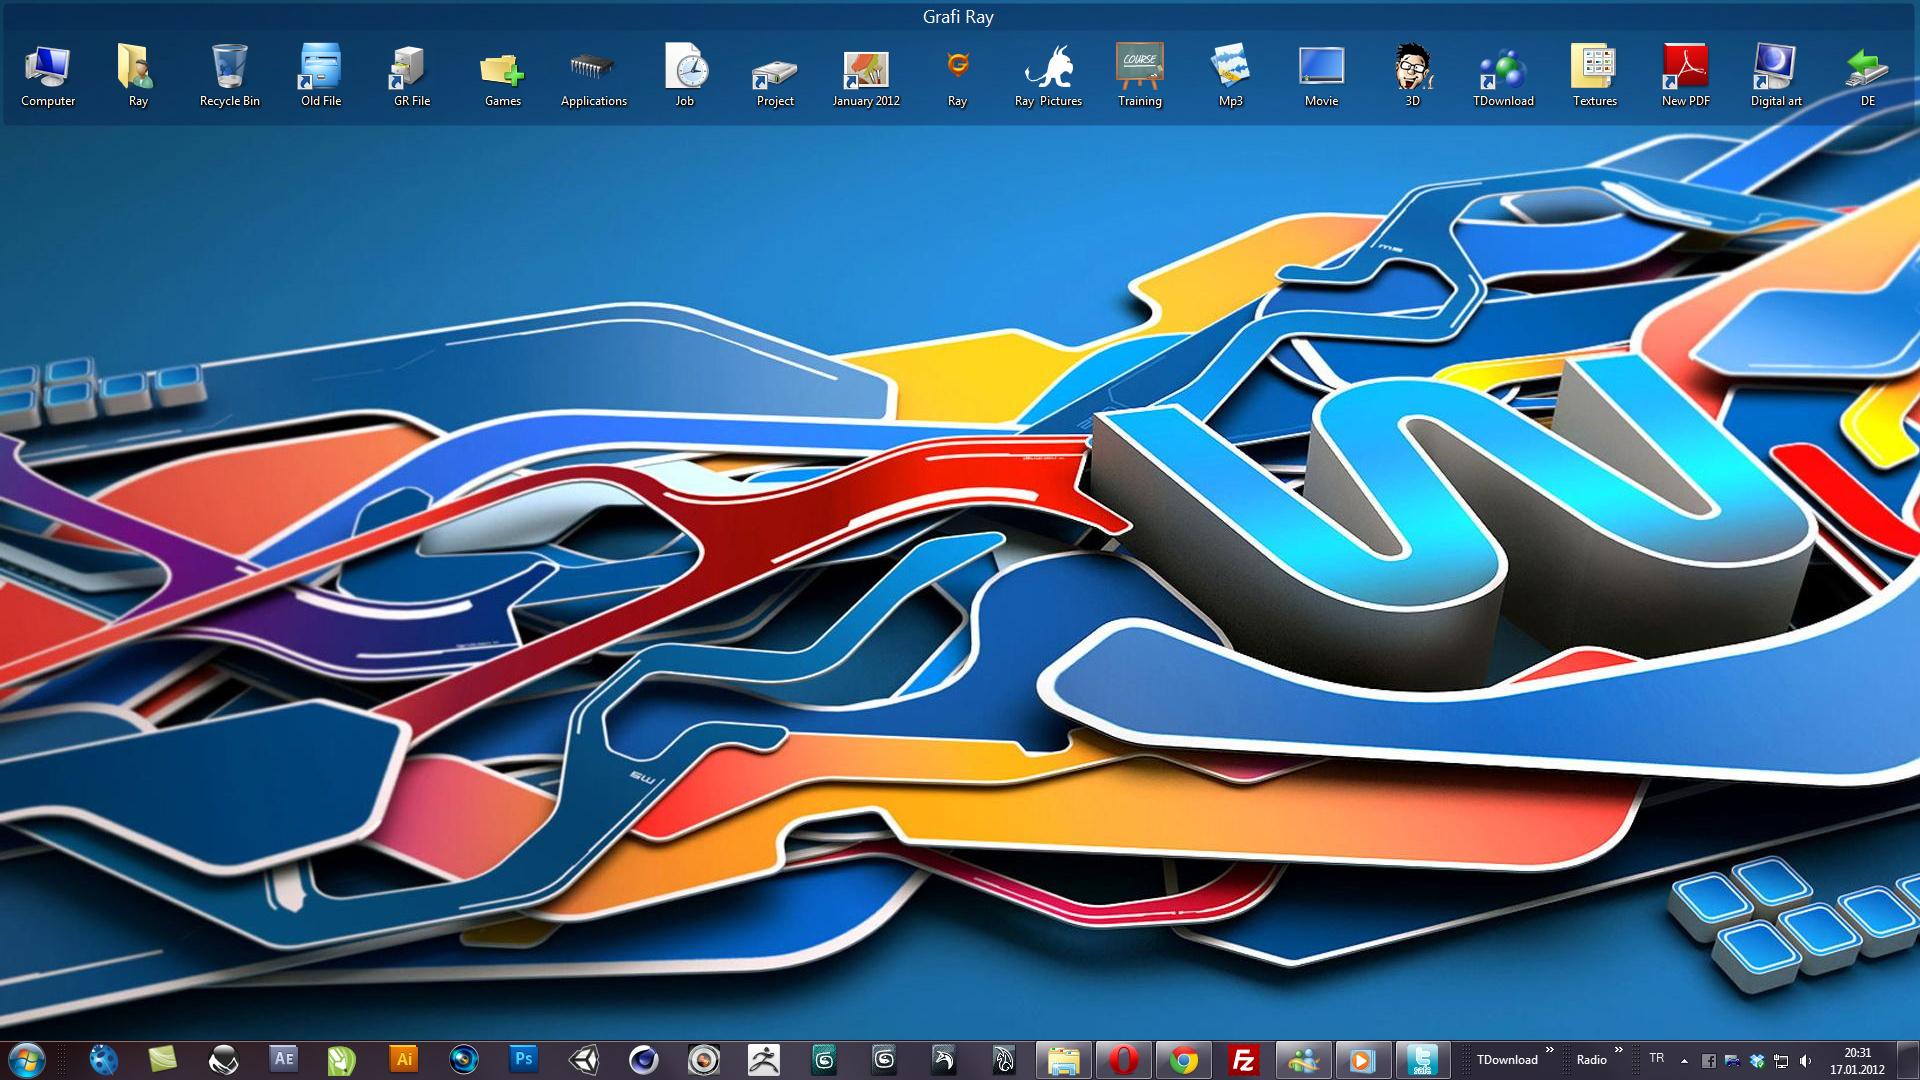 Desktop by Grafi-Ray